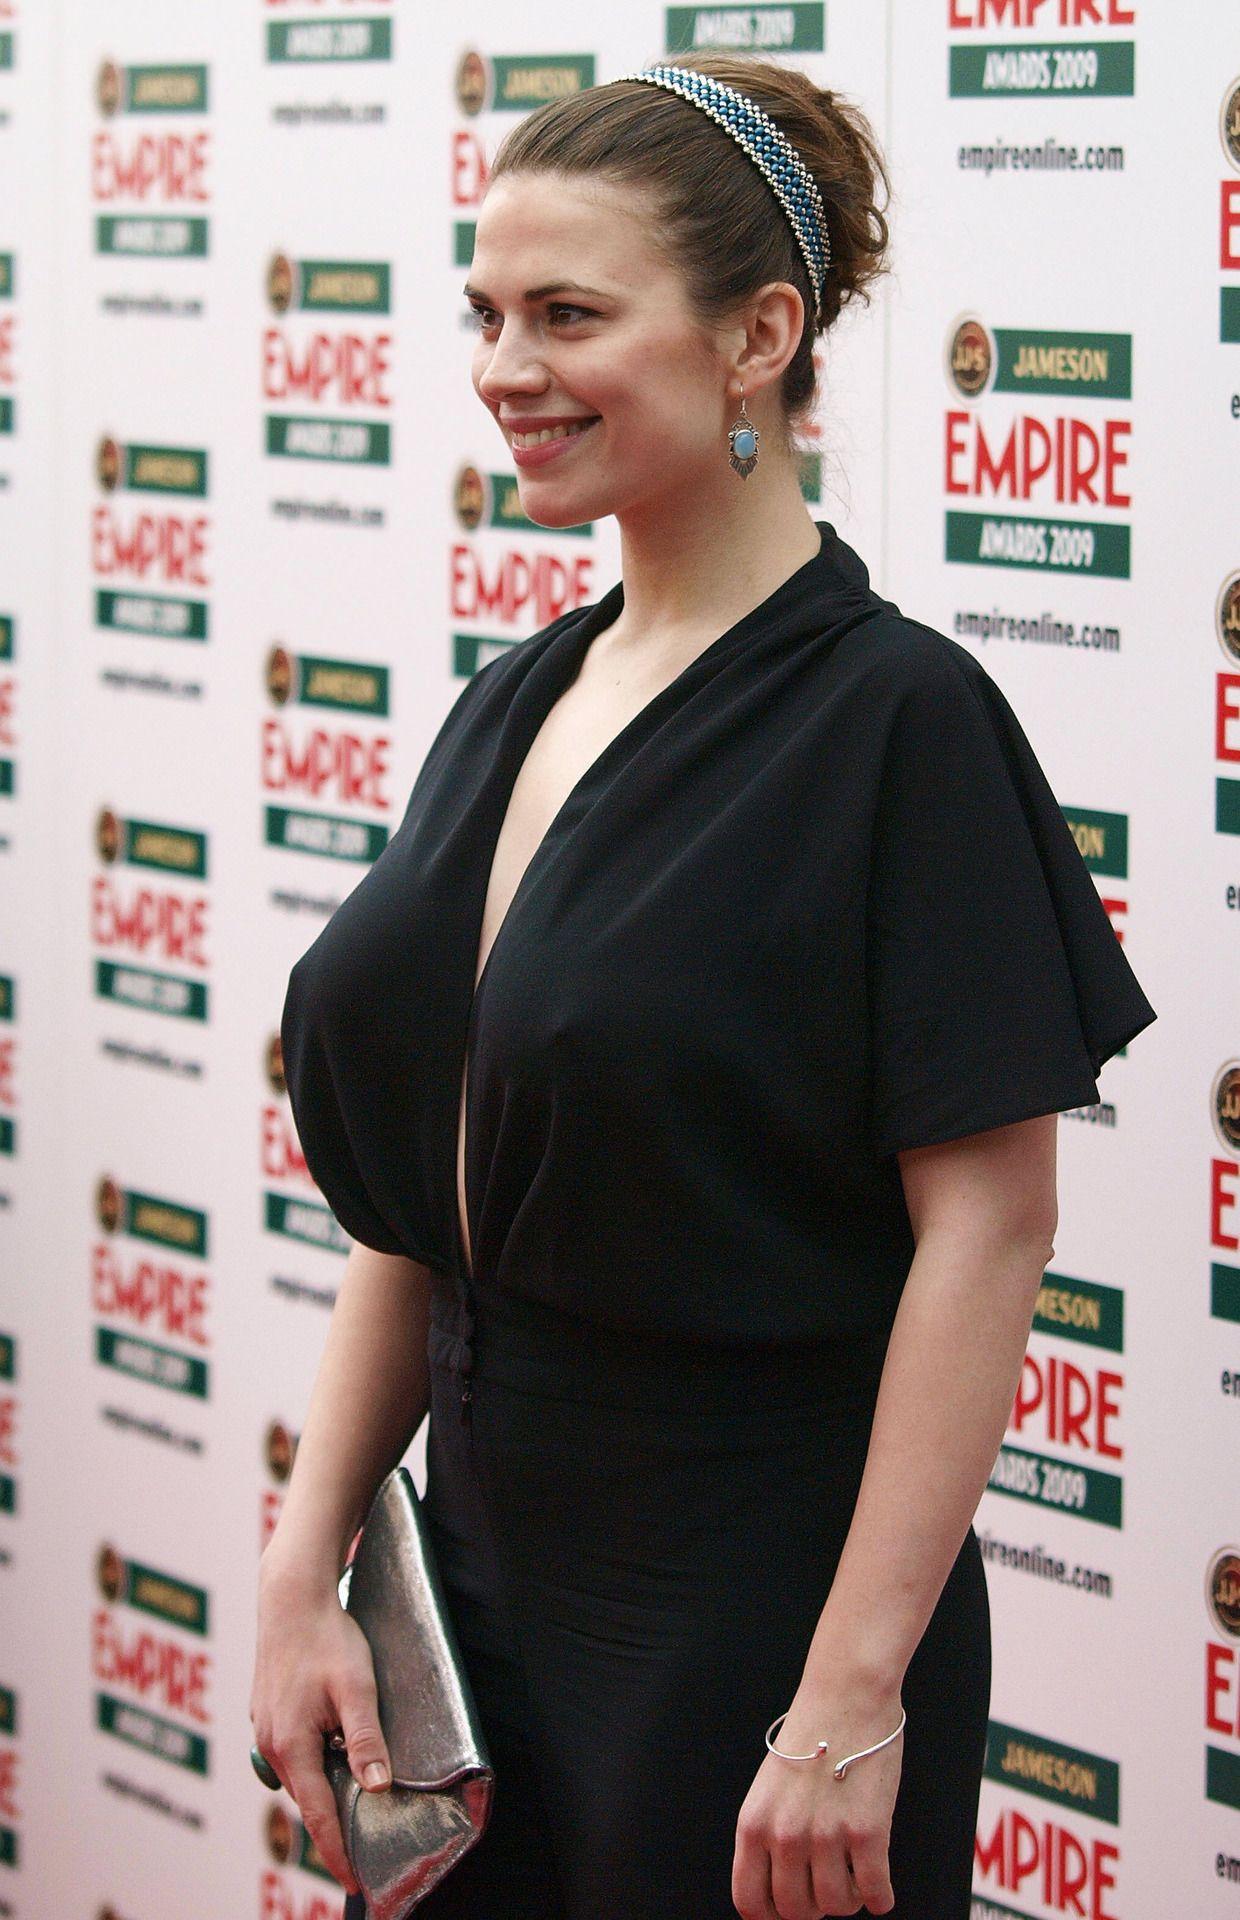 Hayley Elizabeth Atwell (born 5 April 1982) is a British